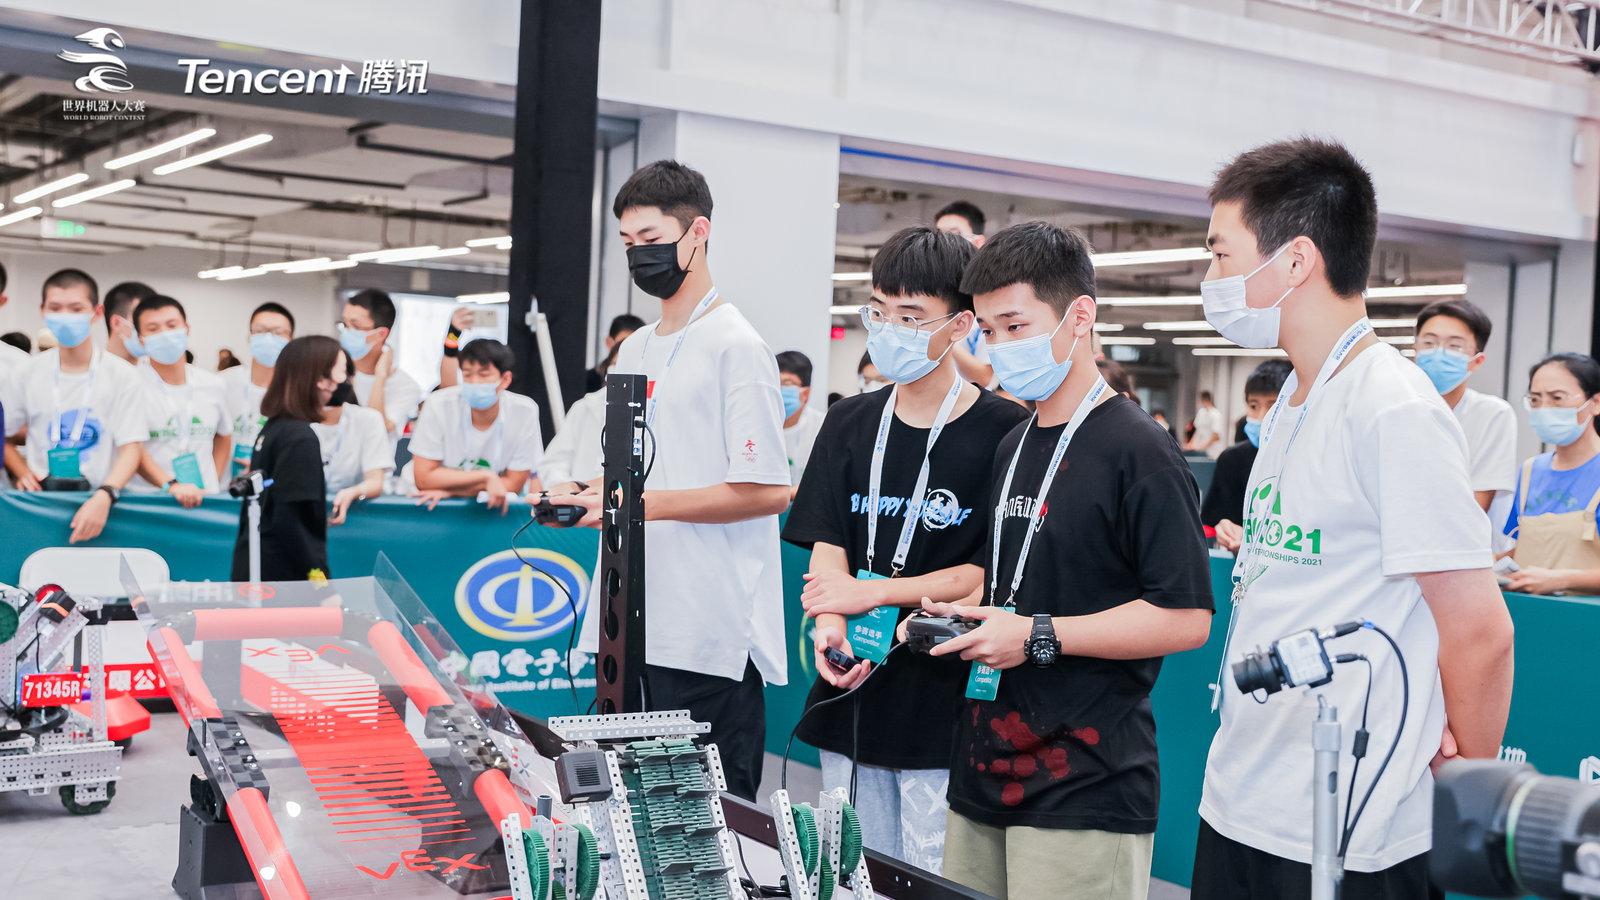 腾讯与世界机器人大赛建立合作 共促科创教育产业发展